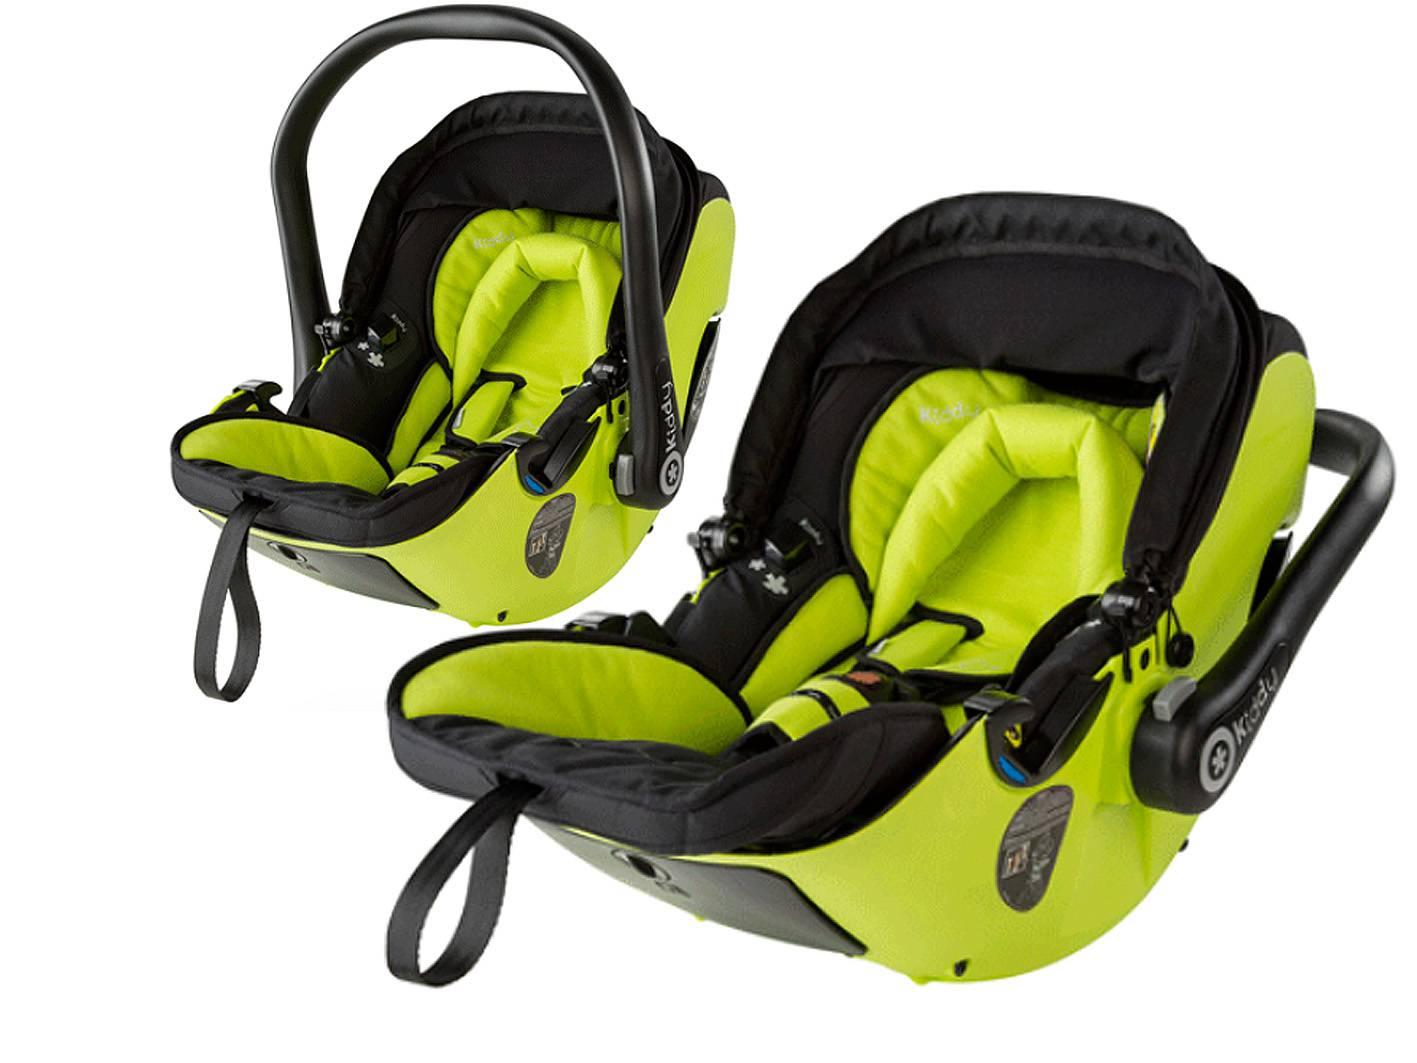 Endlich: beim Kiddy können Babies richtig flachliegen...